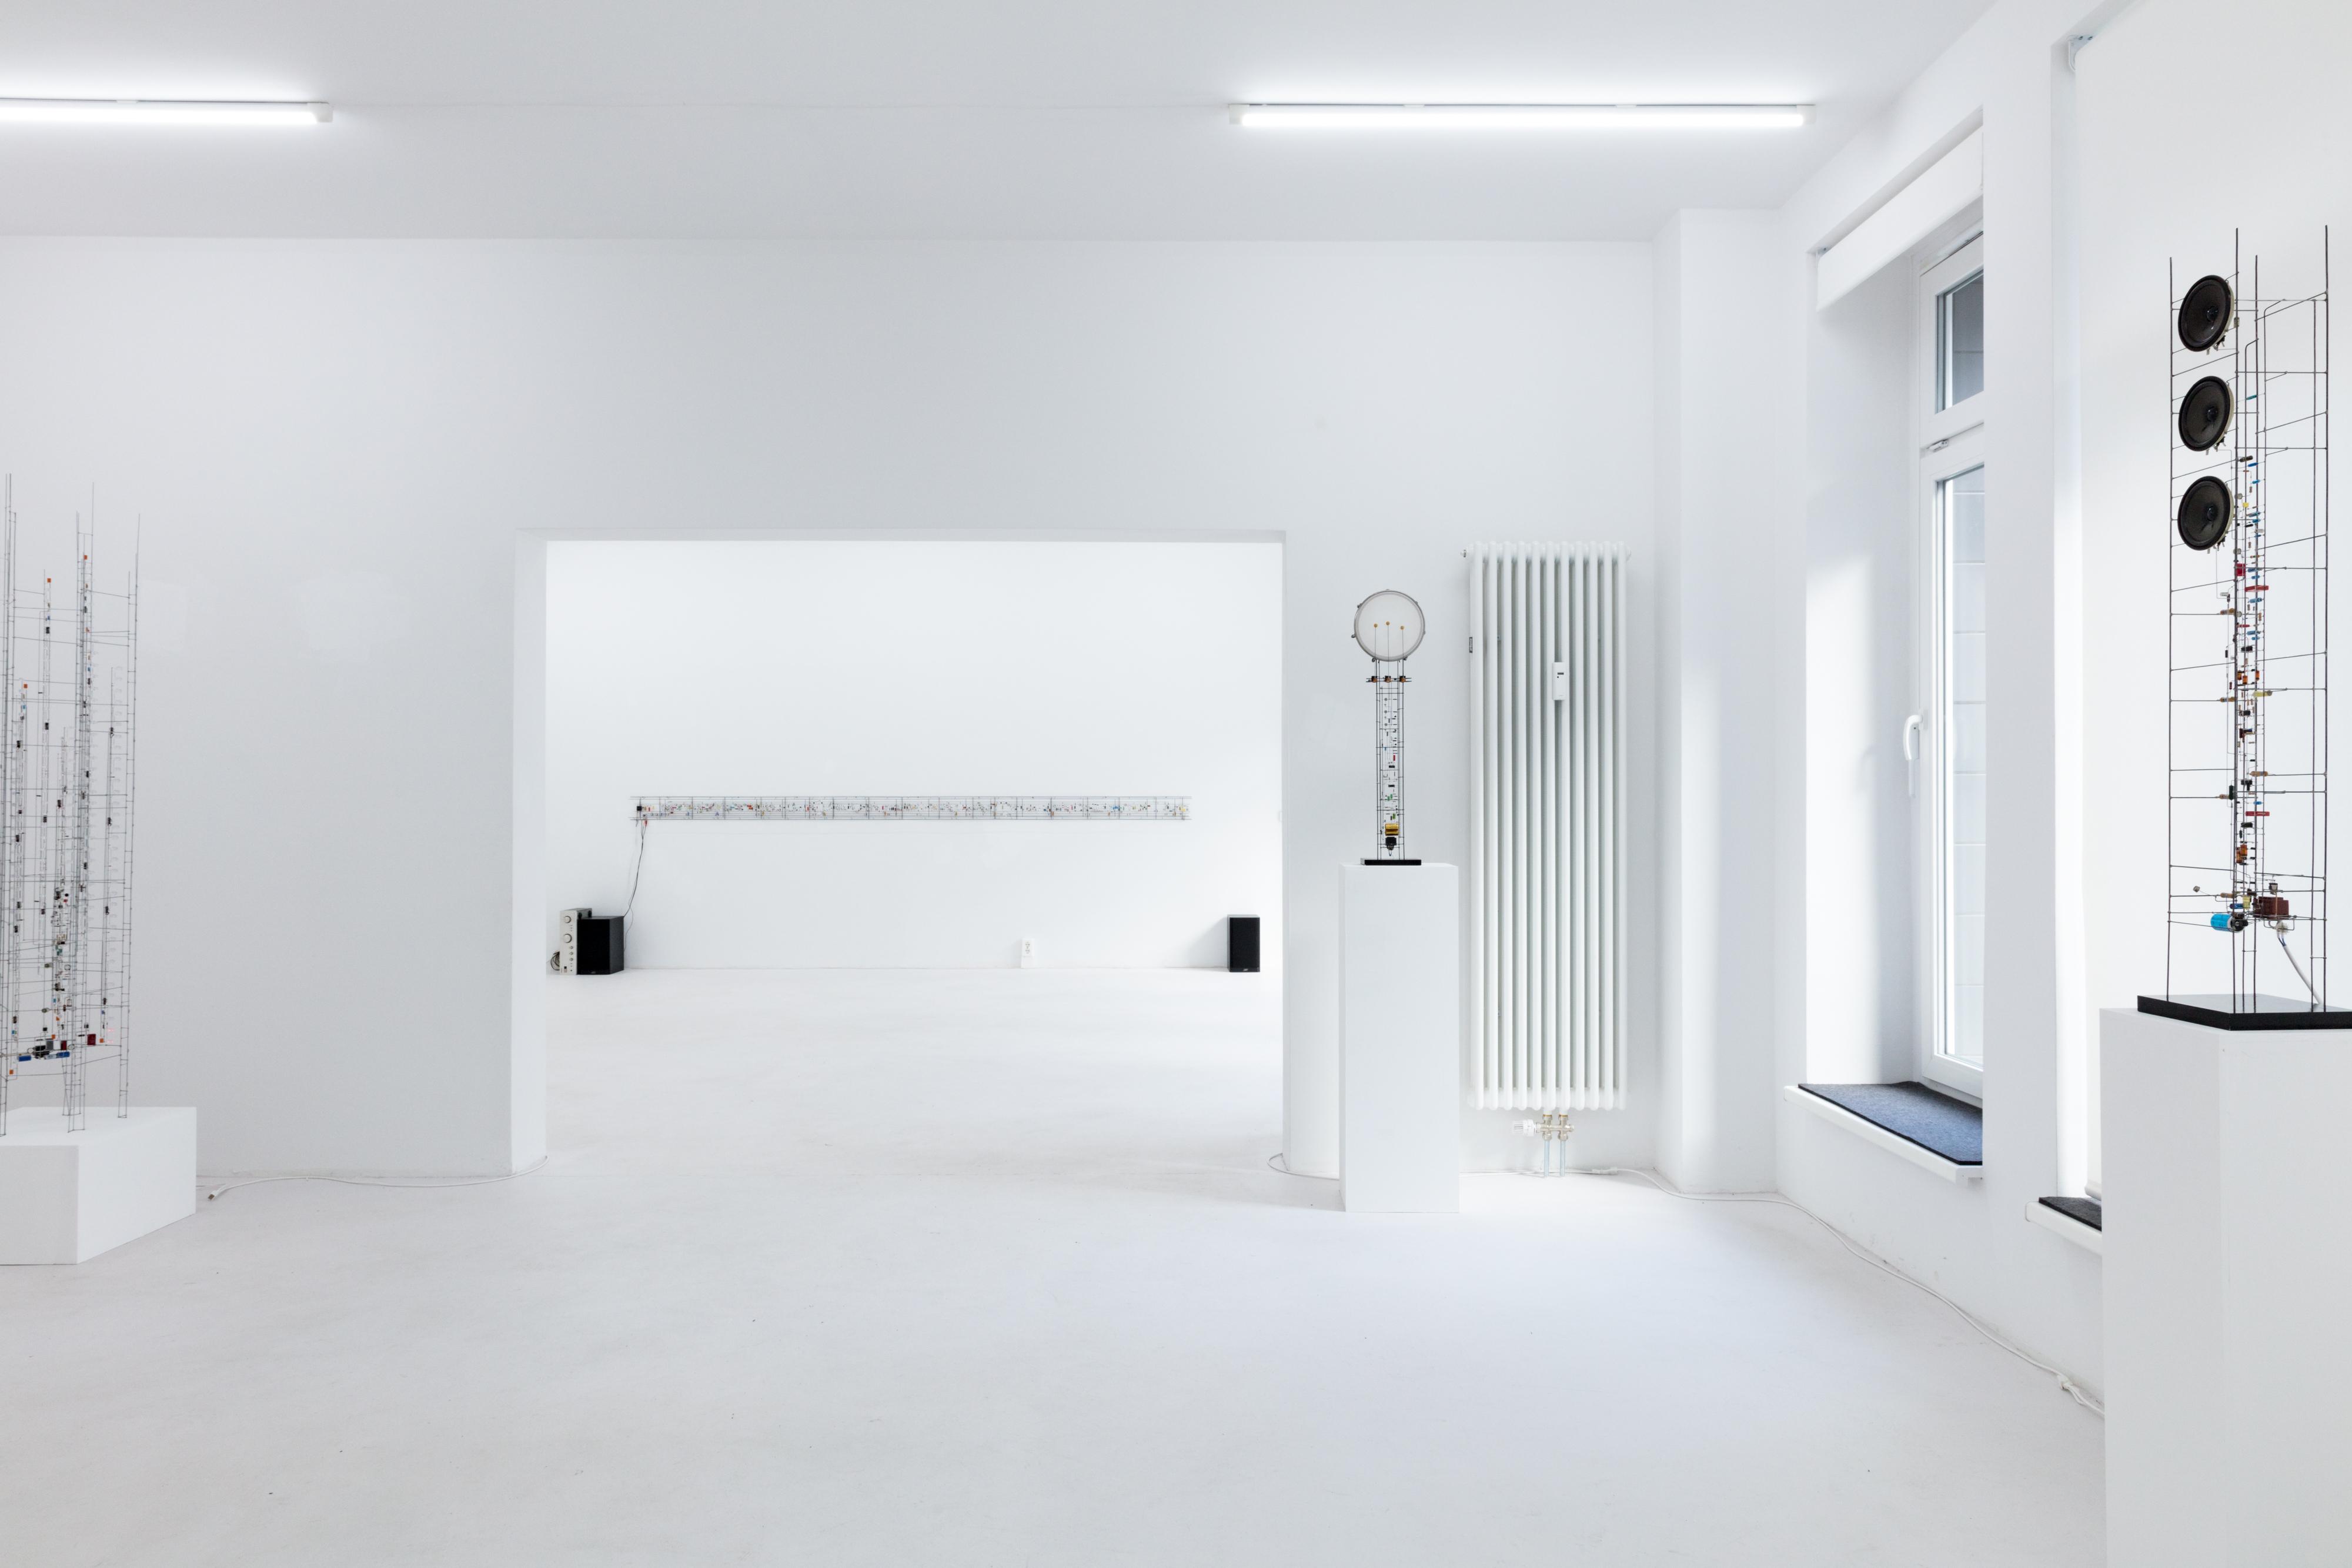 Peter Vogel, Gestalten + Zufall, Ausstellungsansicht, 2018